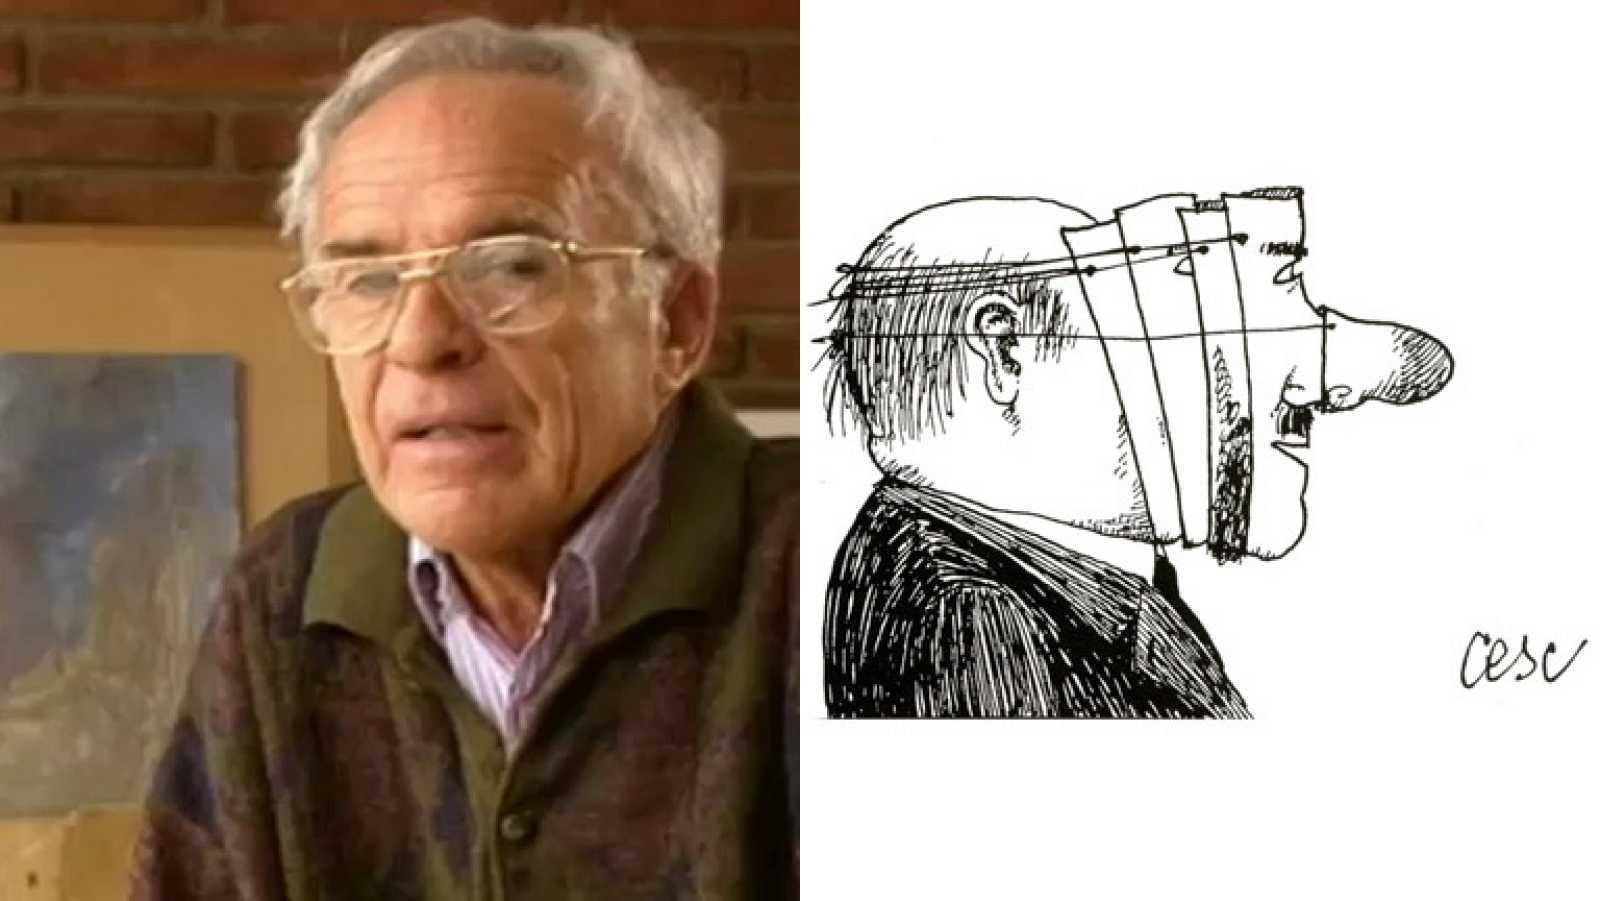 Humoristas gráficos y dibujantes de historietas: Cesc